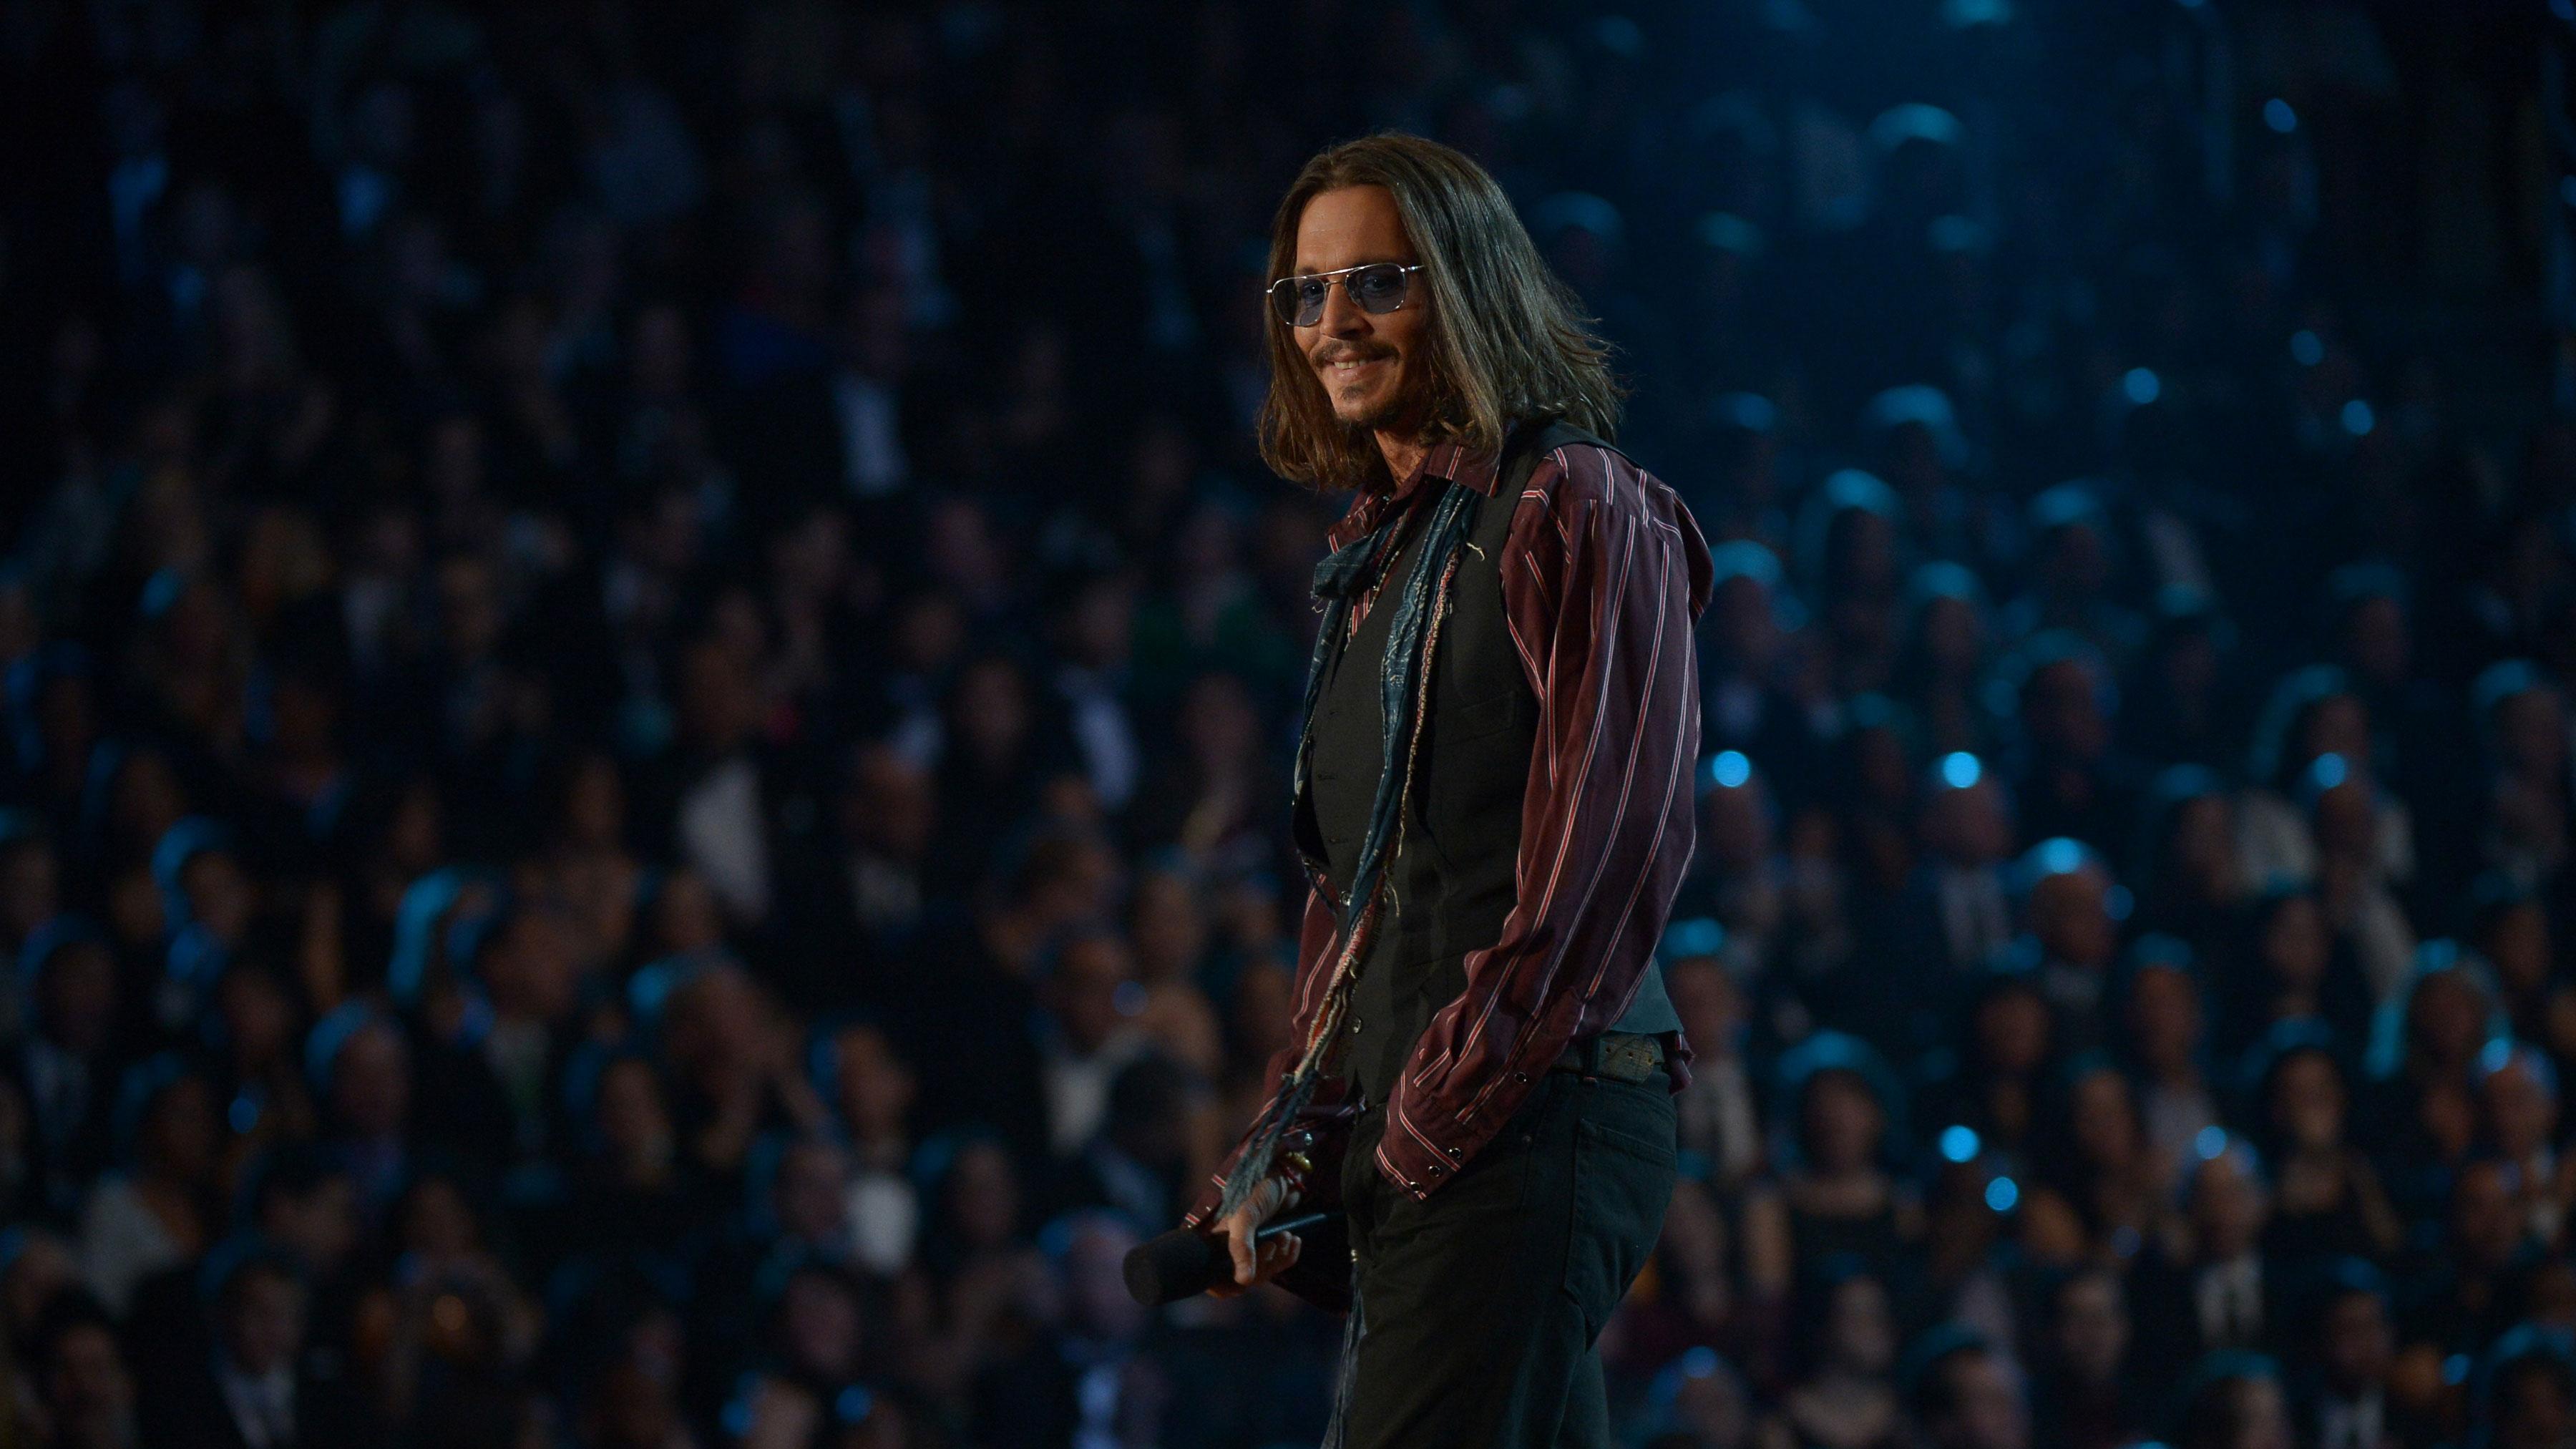 PHOTO:Johnny Depp chose a very Johnny Deppesque ensemble for the evening.